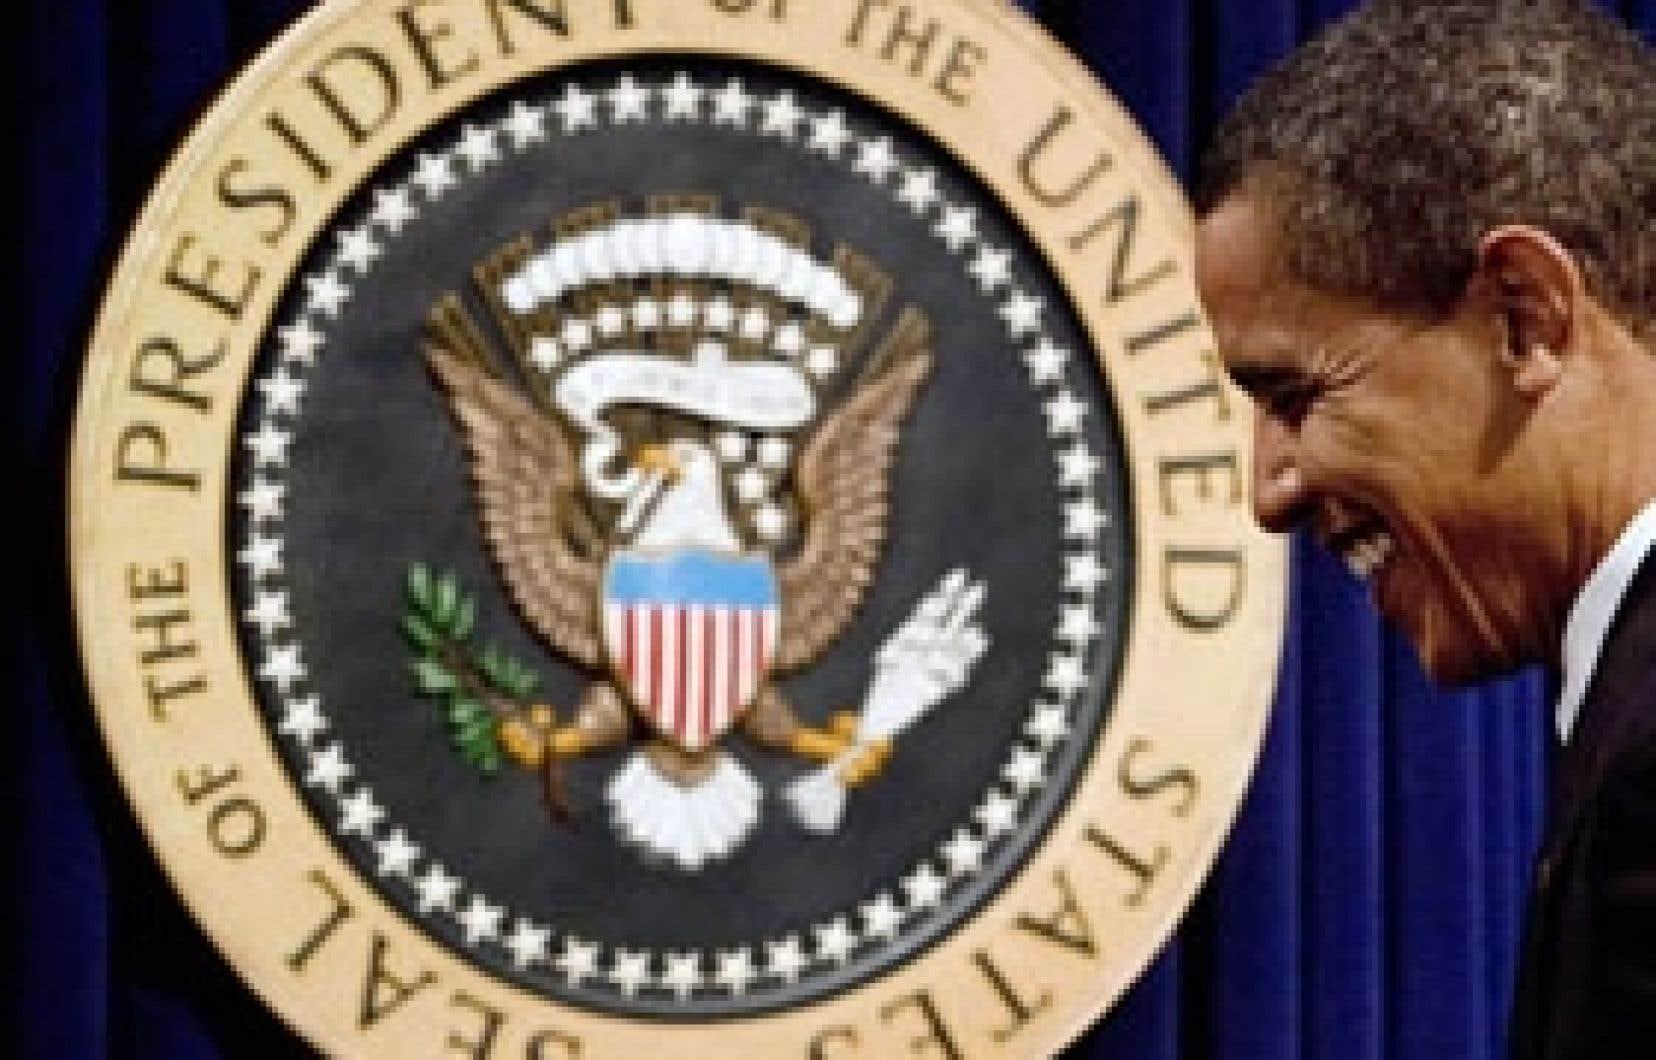 Le nouveau président des États-Unis, Barack Obama, a confirmé la semaine dernière que la recherche génétique serait désormais reconnue et valorisée aux États-Unis.